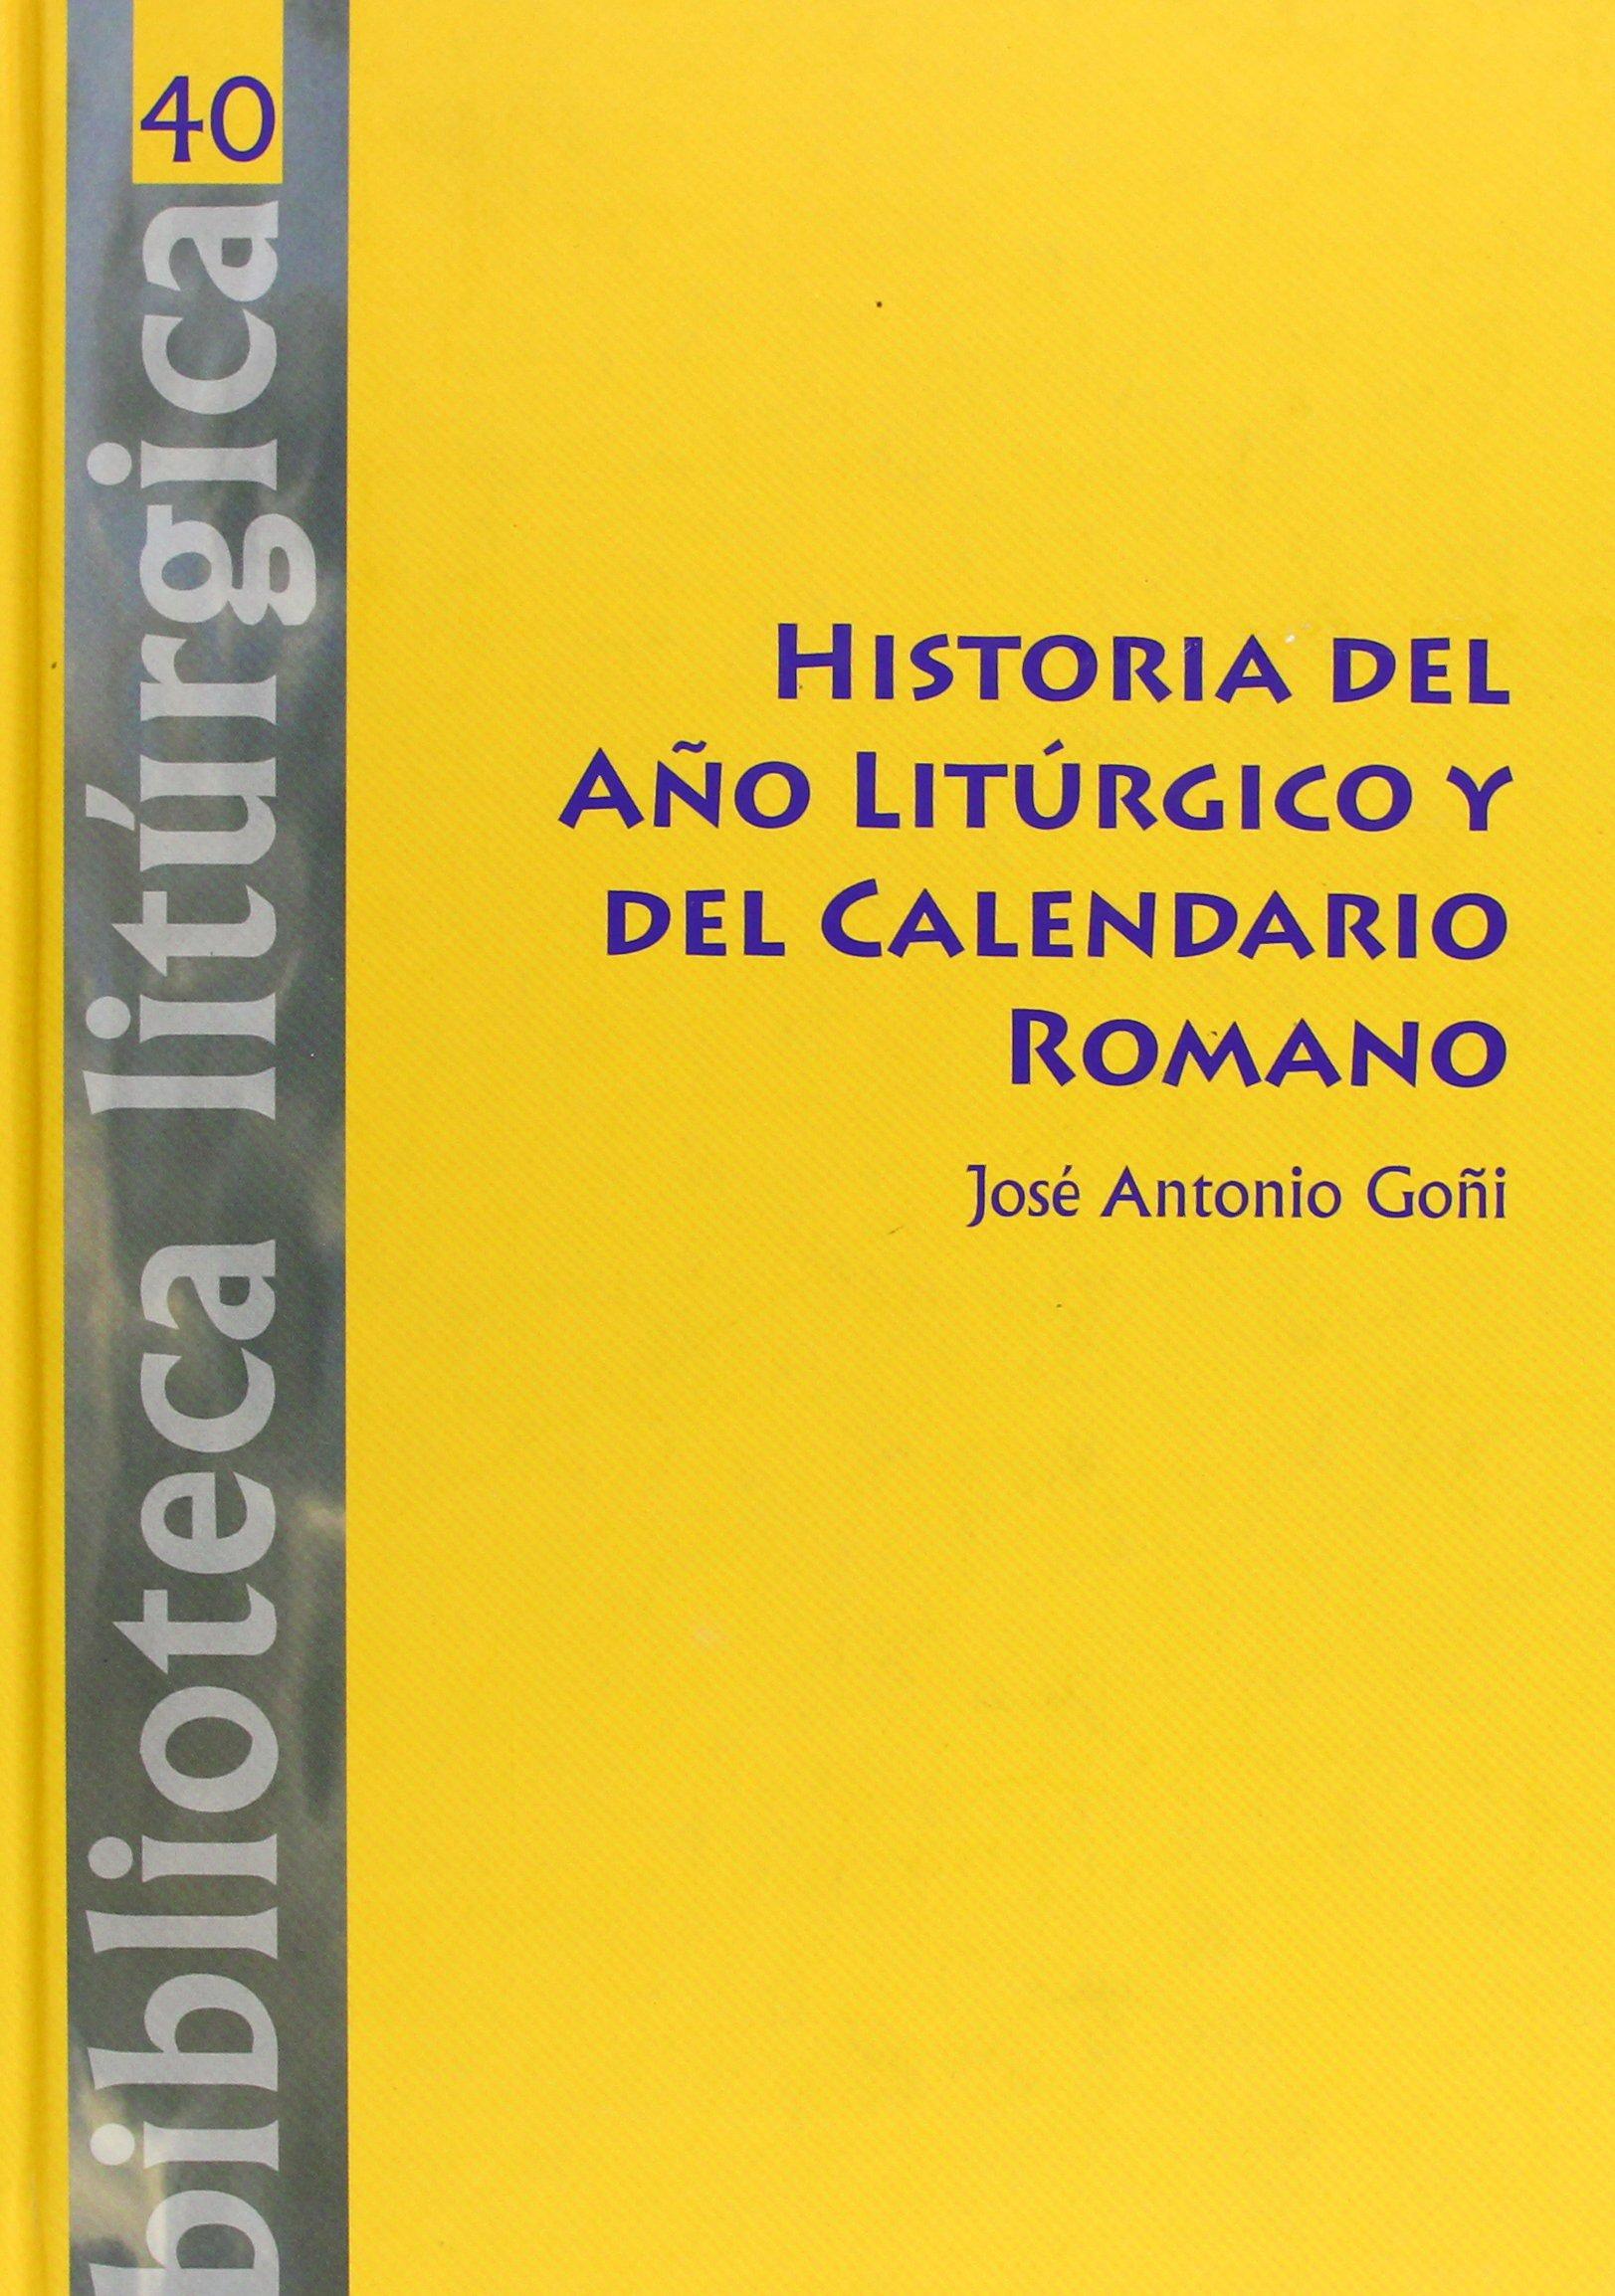 Il Calendario Romano.H Del A O Liturgico Y Del Calendario Romano Jose Antonio